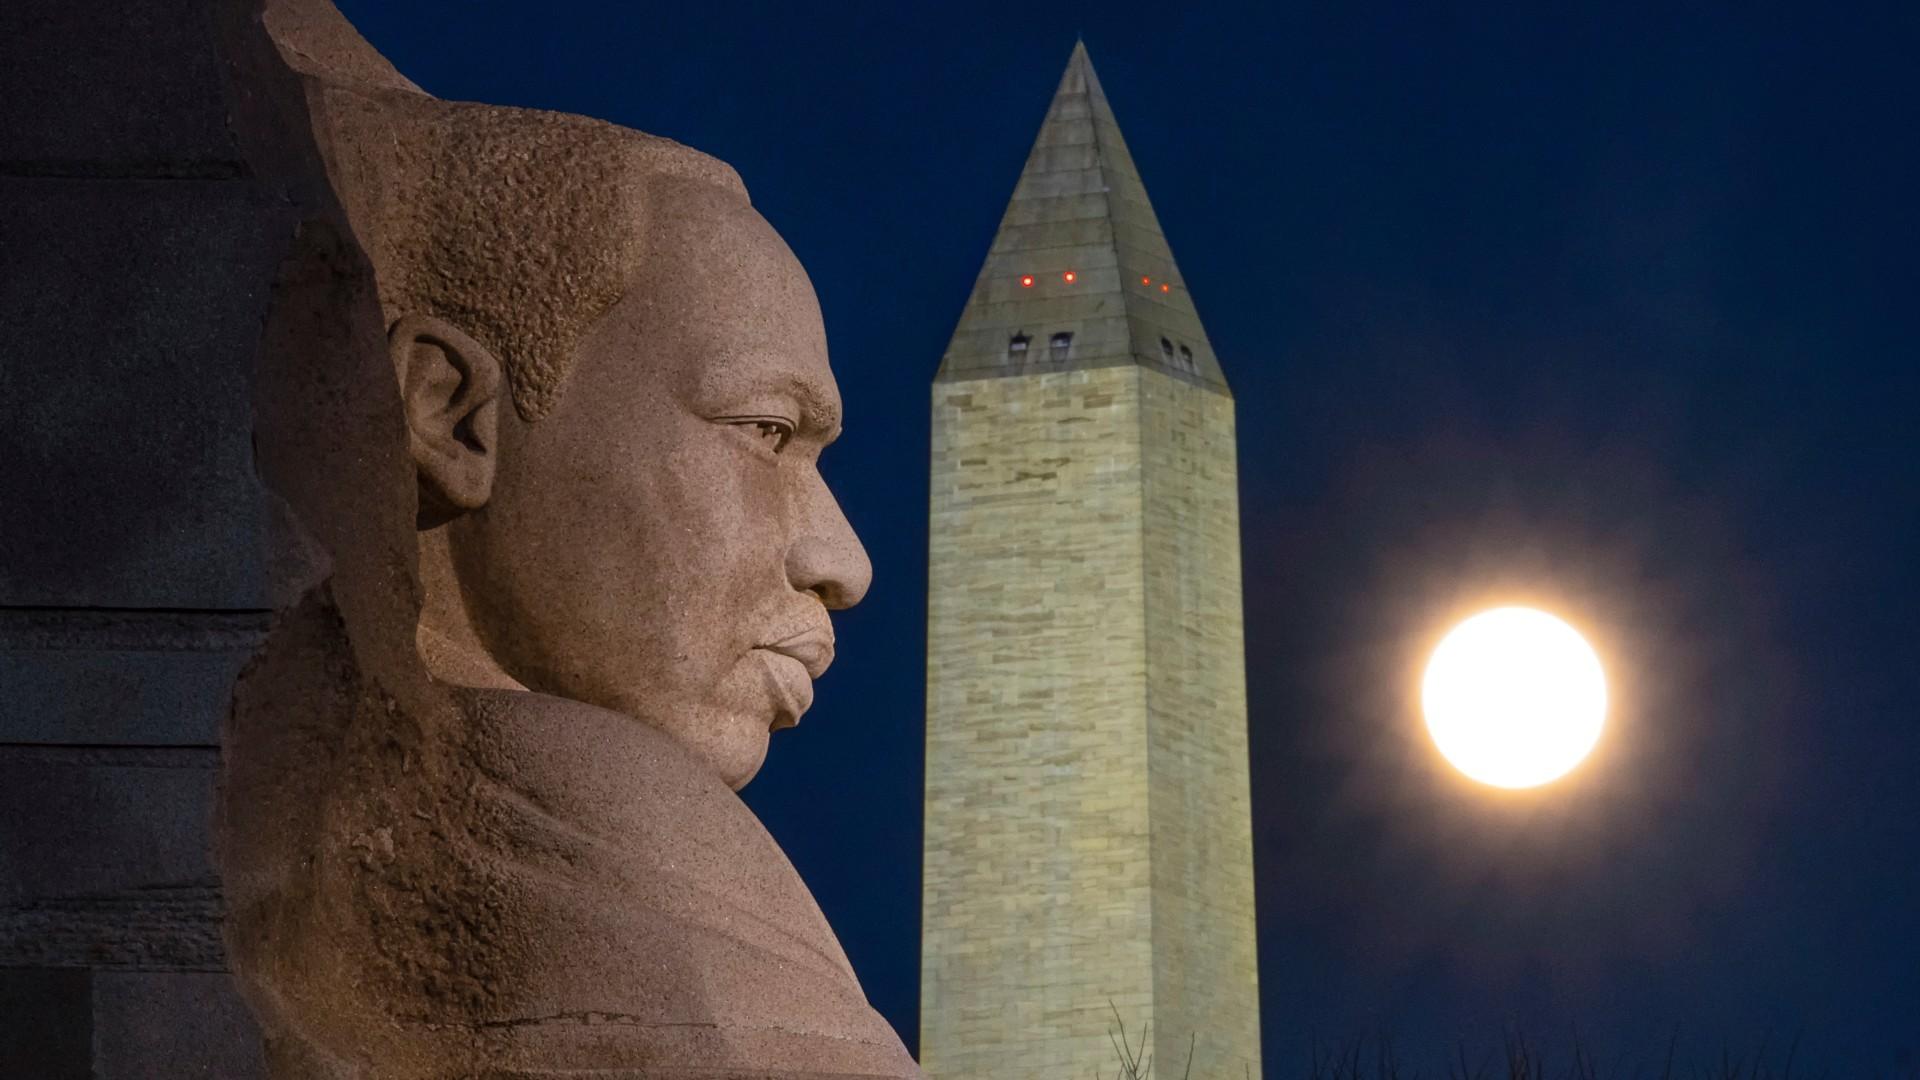 Día Martin Luther King 2021: ¿Cuándo es y por qué se celebra este día en Estados Unidos?